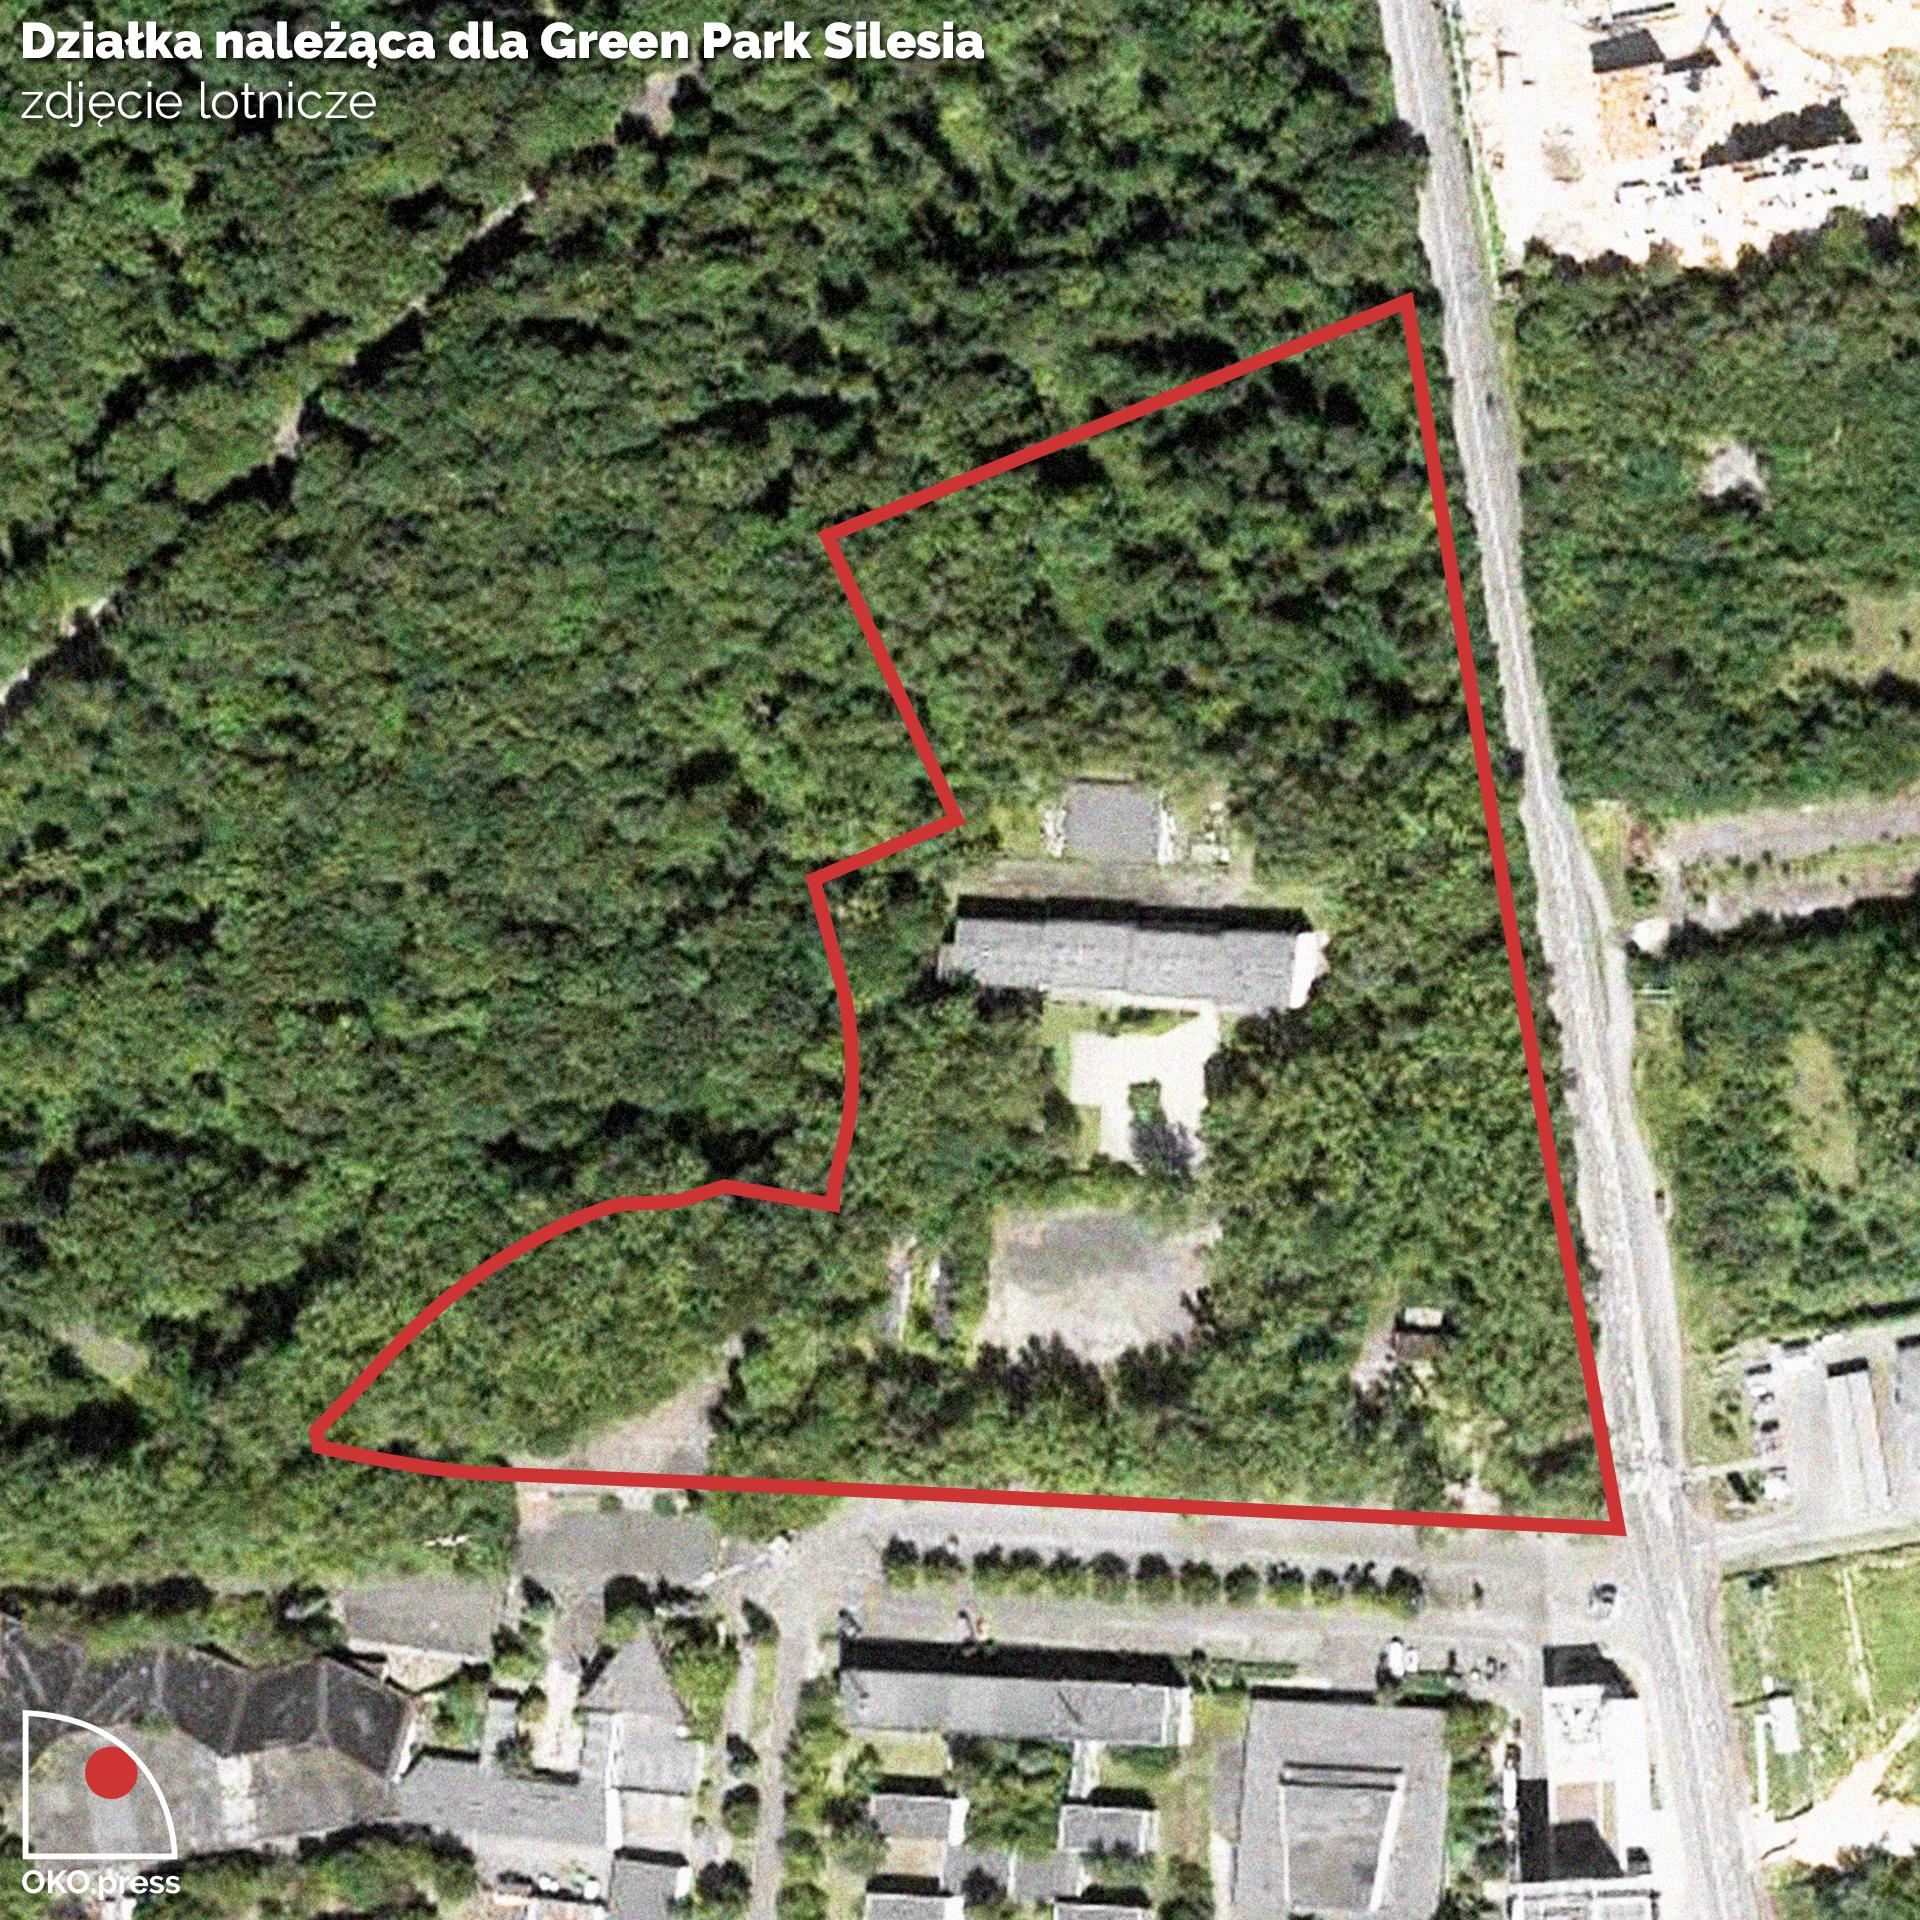 Granice działki GPS na zdjęciu satelitarnym; fot.: Maps Google